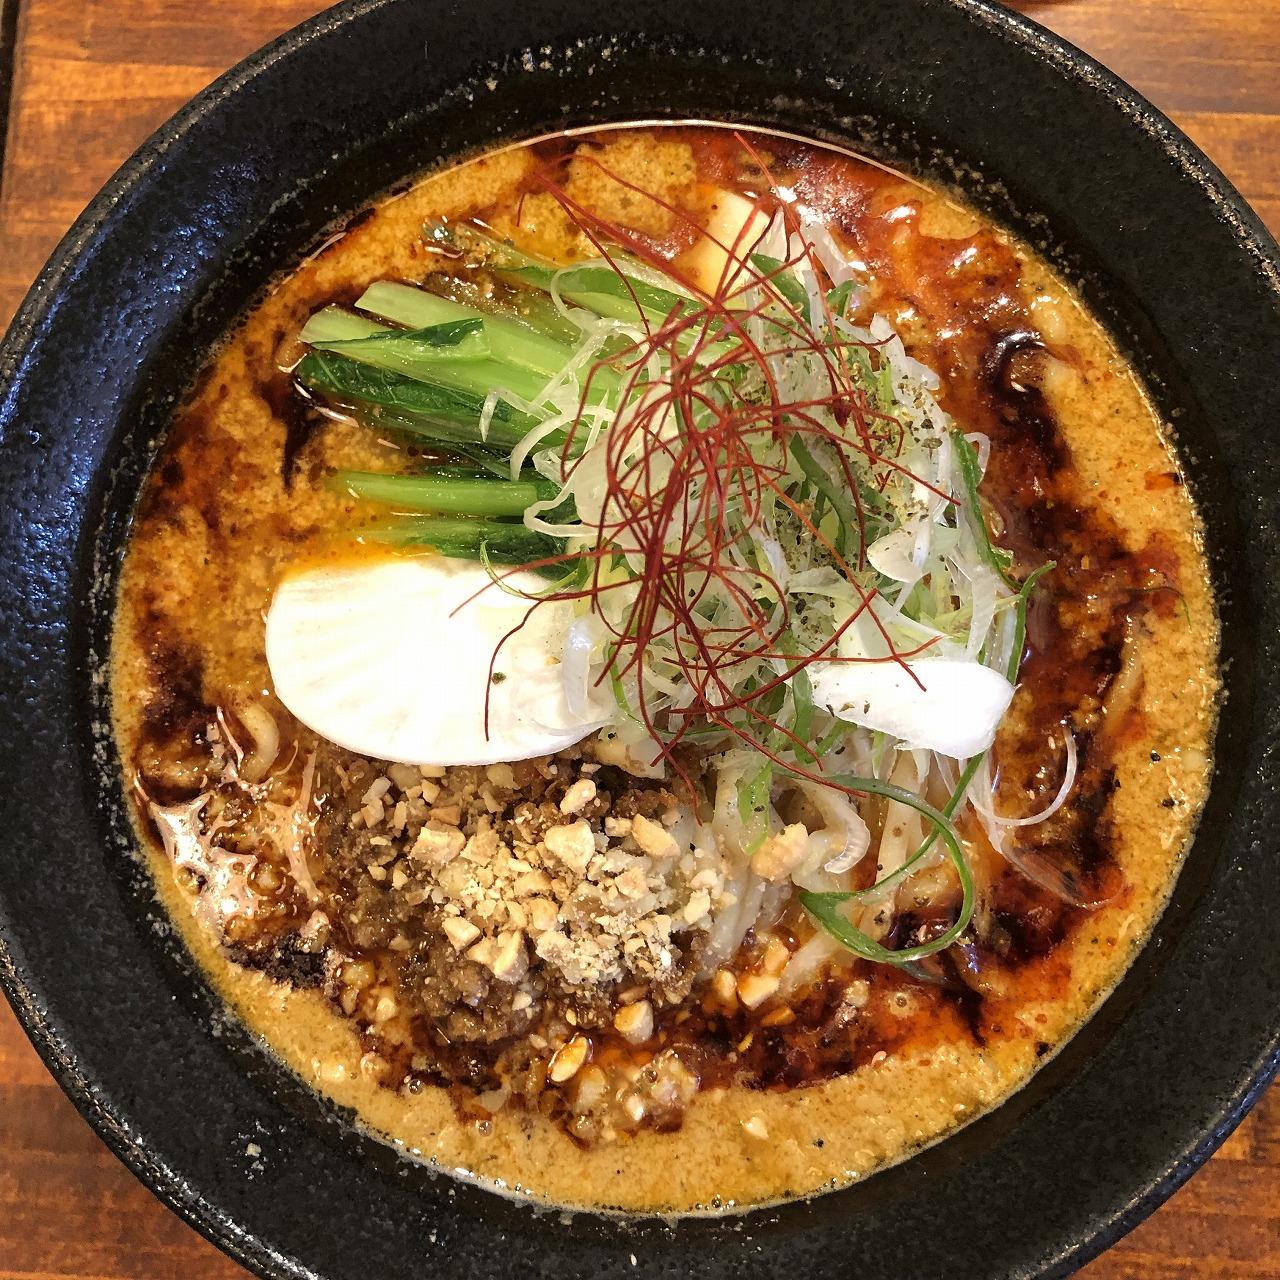 AKIBAの担々麺